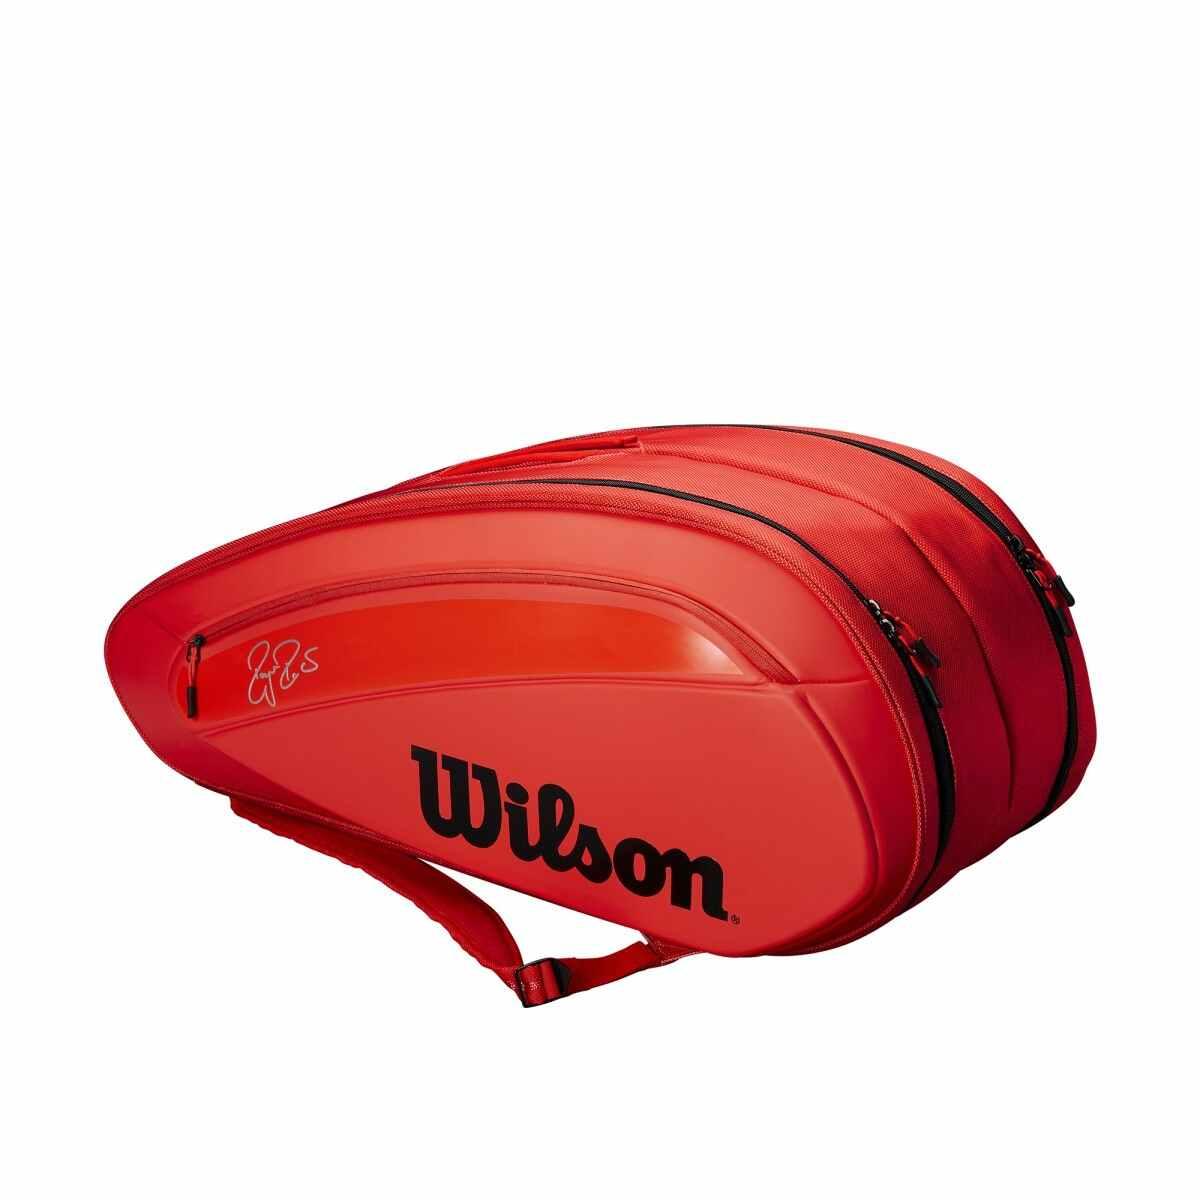 Wilson Tennis Bag – Federer DNA 12-Pack Infrared